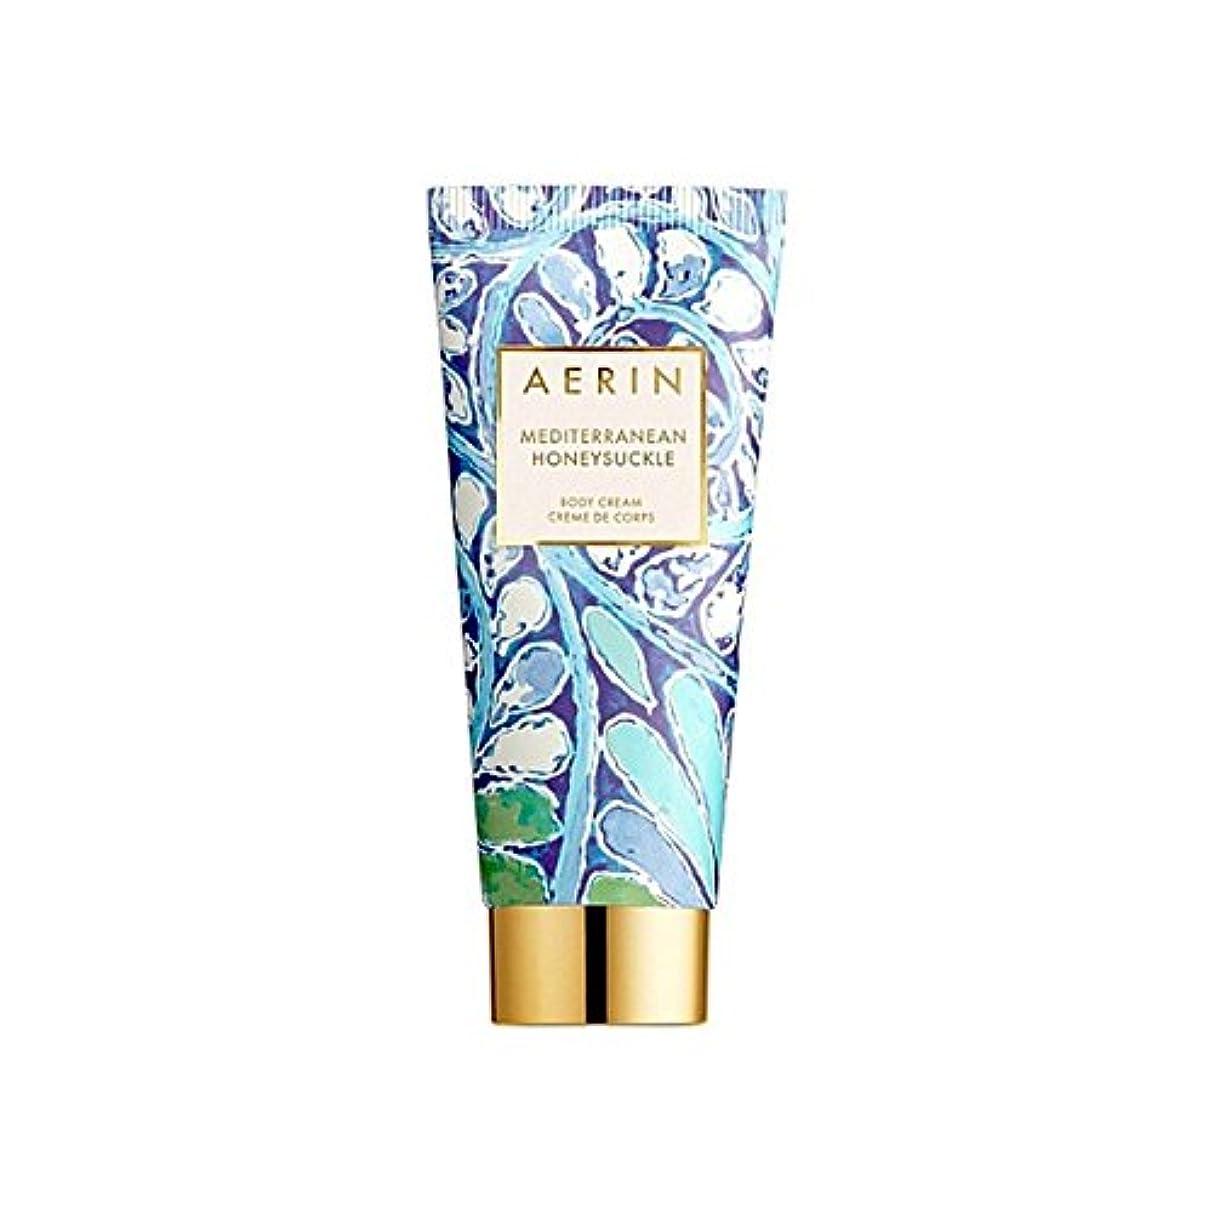 避難敬プラカードスイカズラボディクリーム150ミリリットル x2 - Aerin Mediterrenean Honeysuckle Body Cream 150ml (Pack of 2) [並行輸入品]